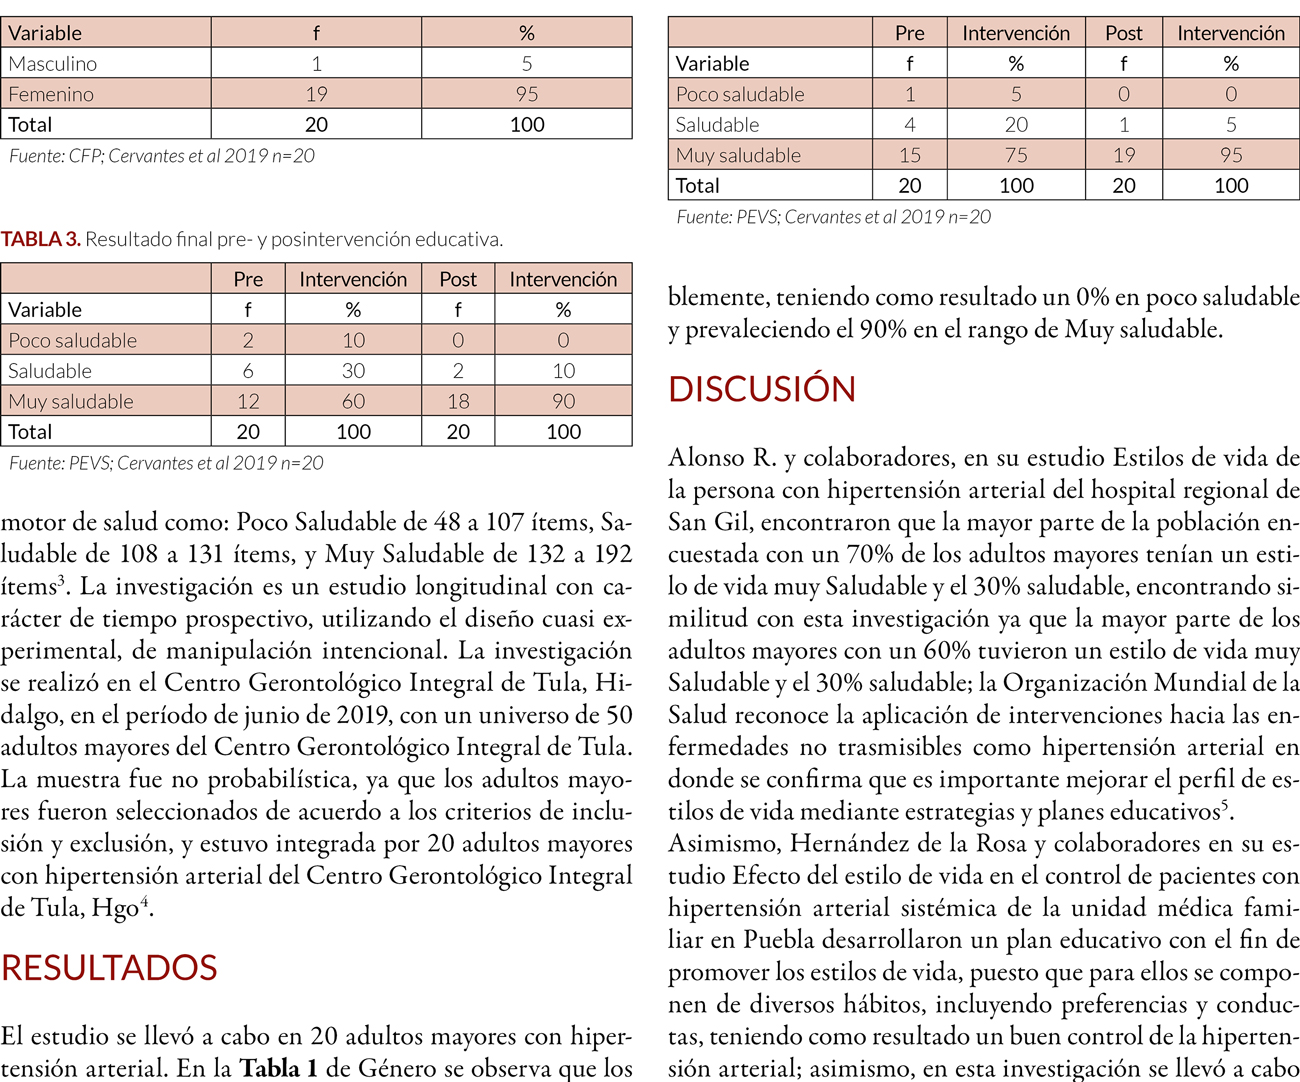 Perfil de estilo de vida promotor de salud de los adultos mayores con hipertensión arterial del Centro Gerontológico de Tula, Hidalgo, antes y después de una intervención de enfermería